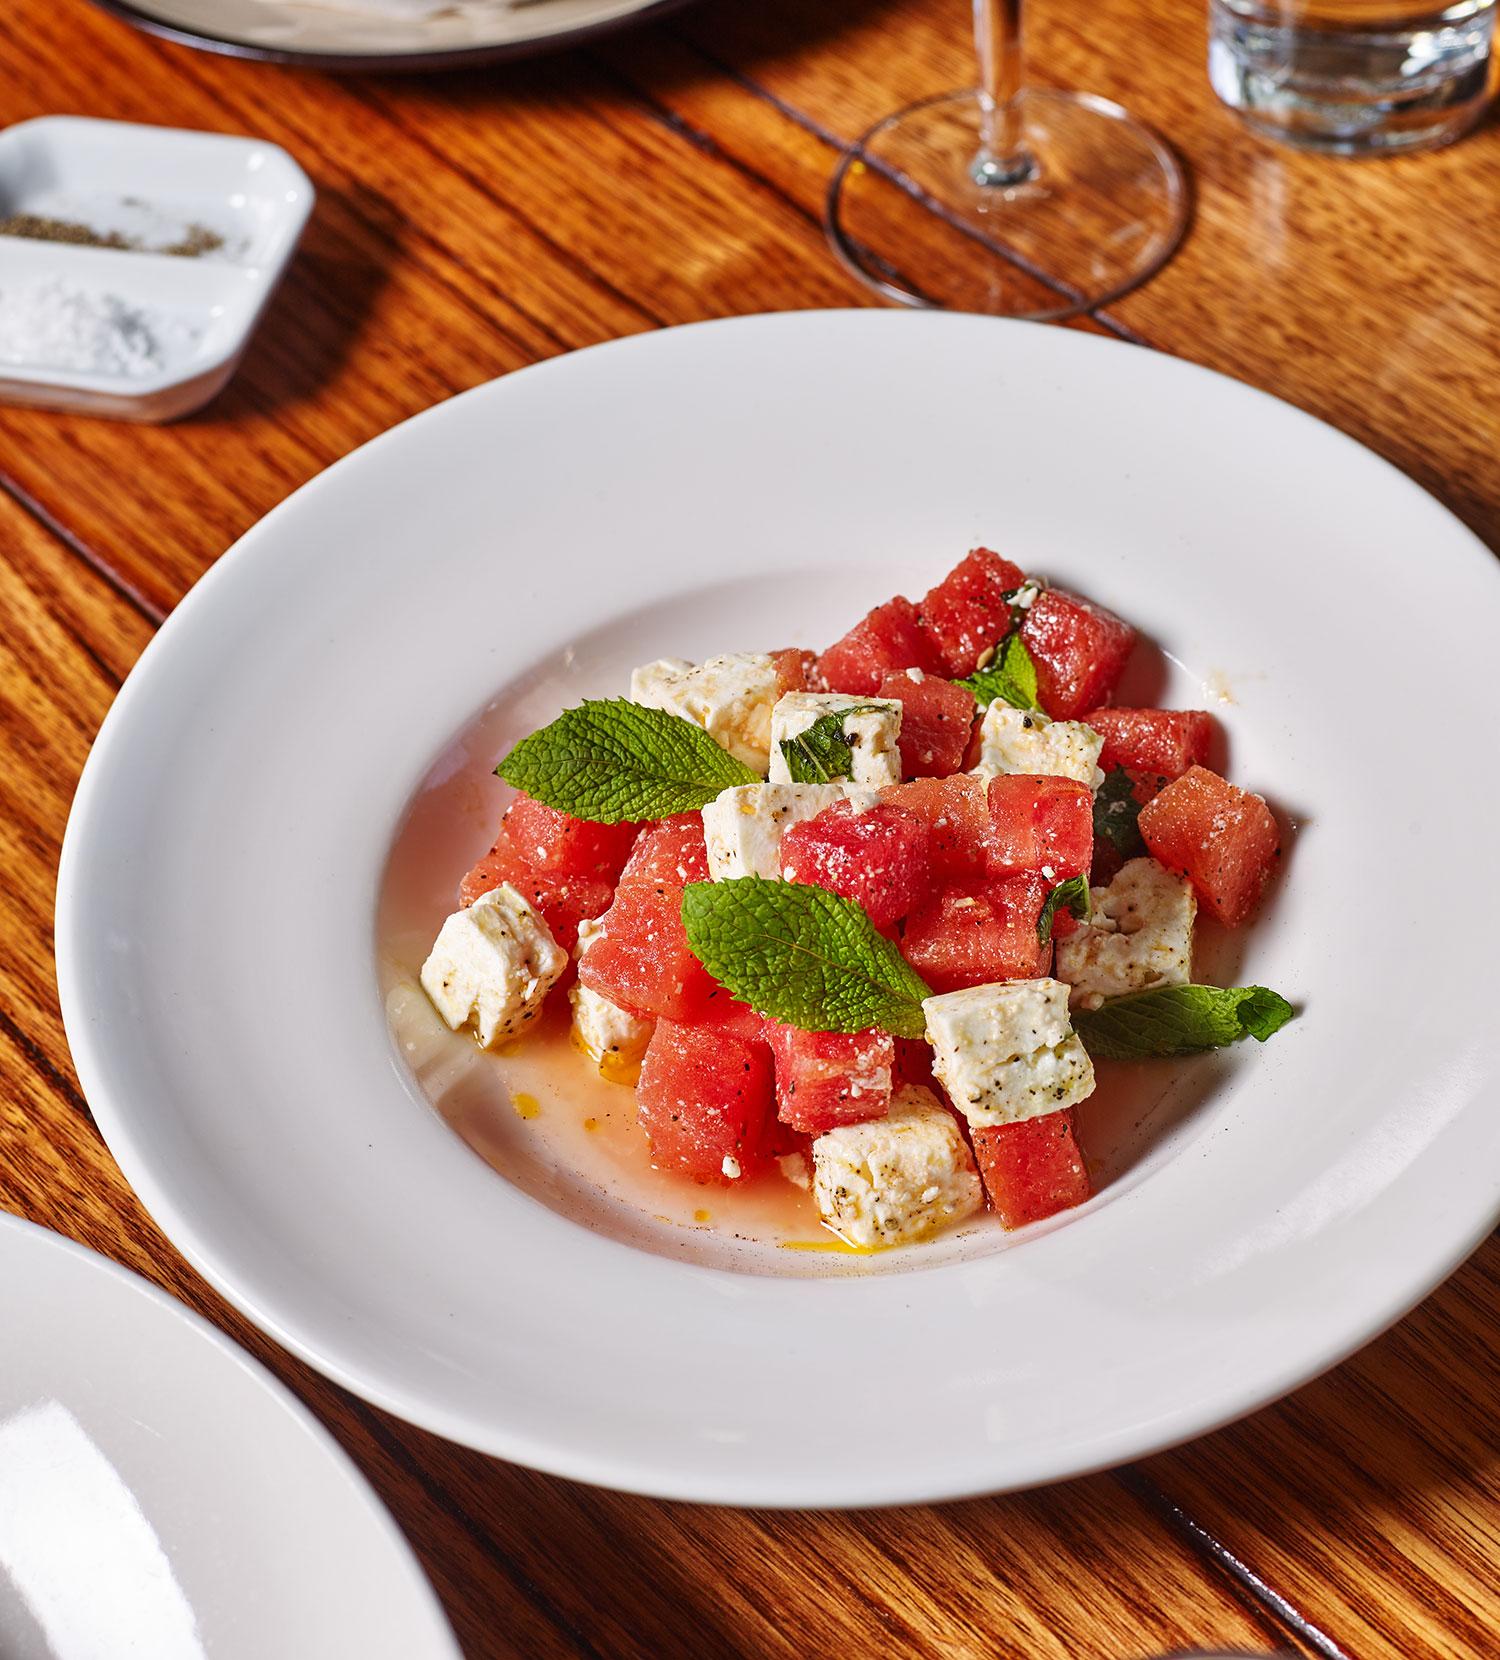 watermelon, fetta and mint salad